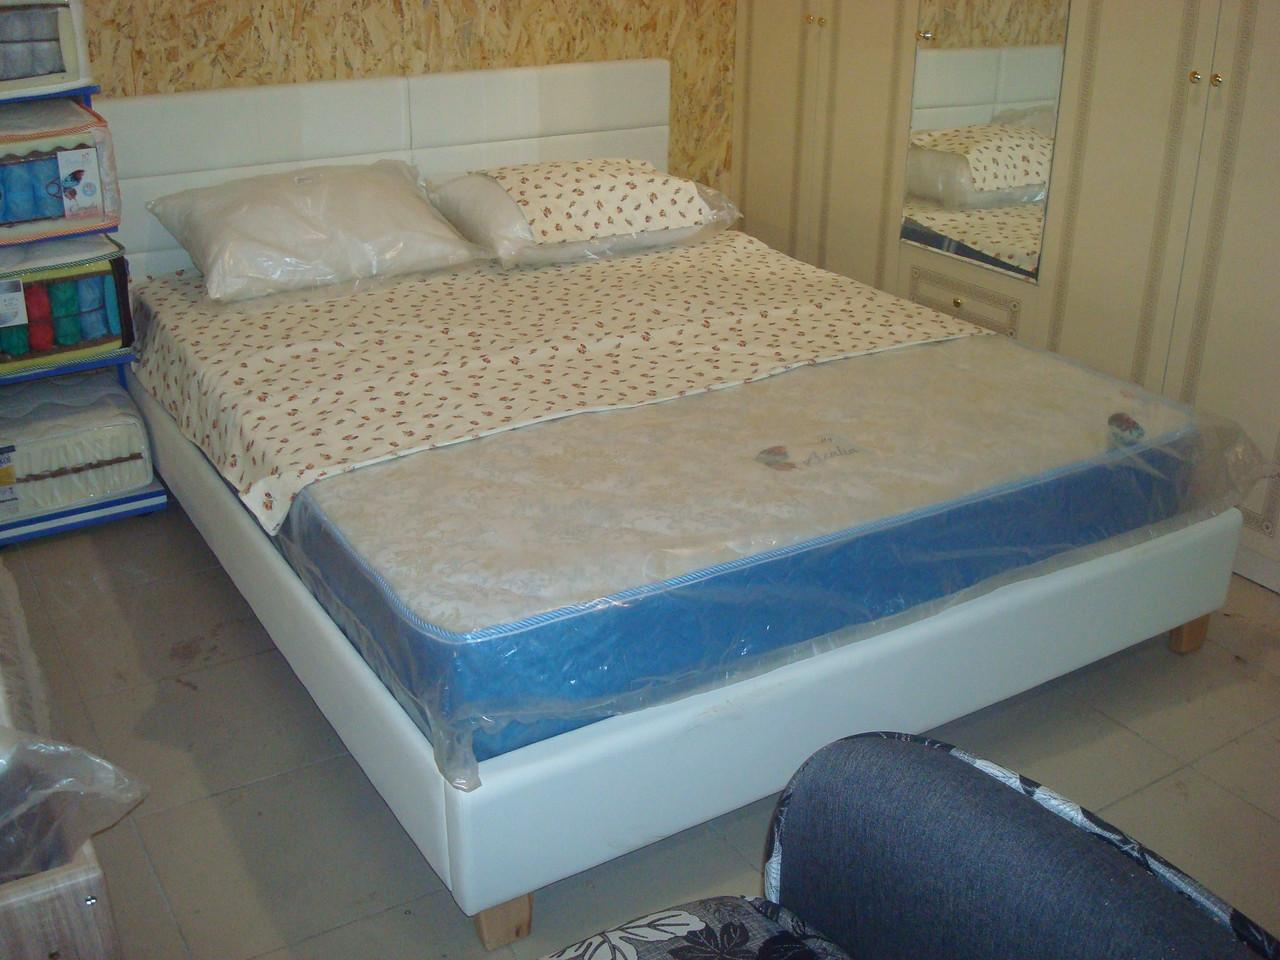 двуспальная кровать из экокожи джесика цена 4 679 грн купить в